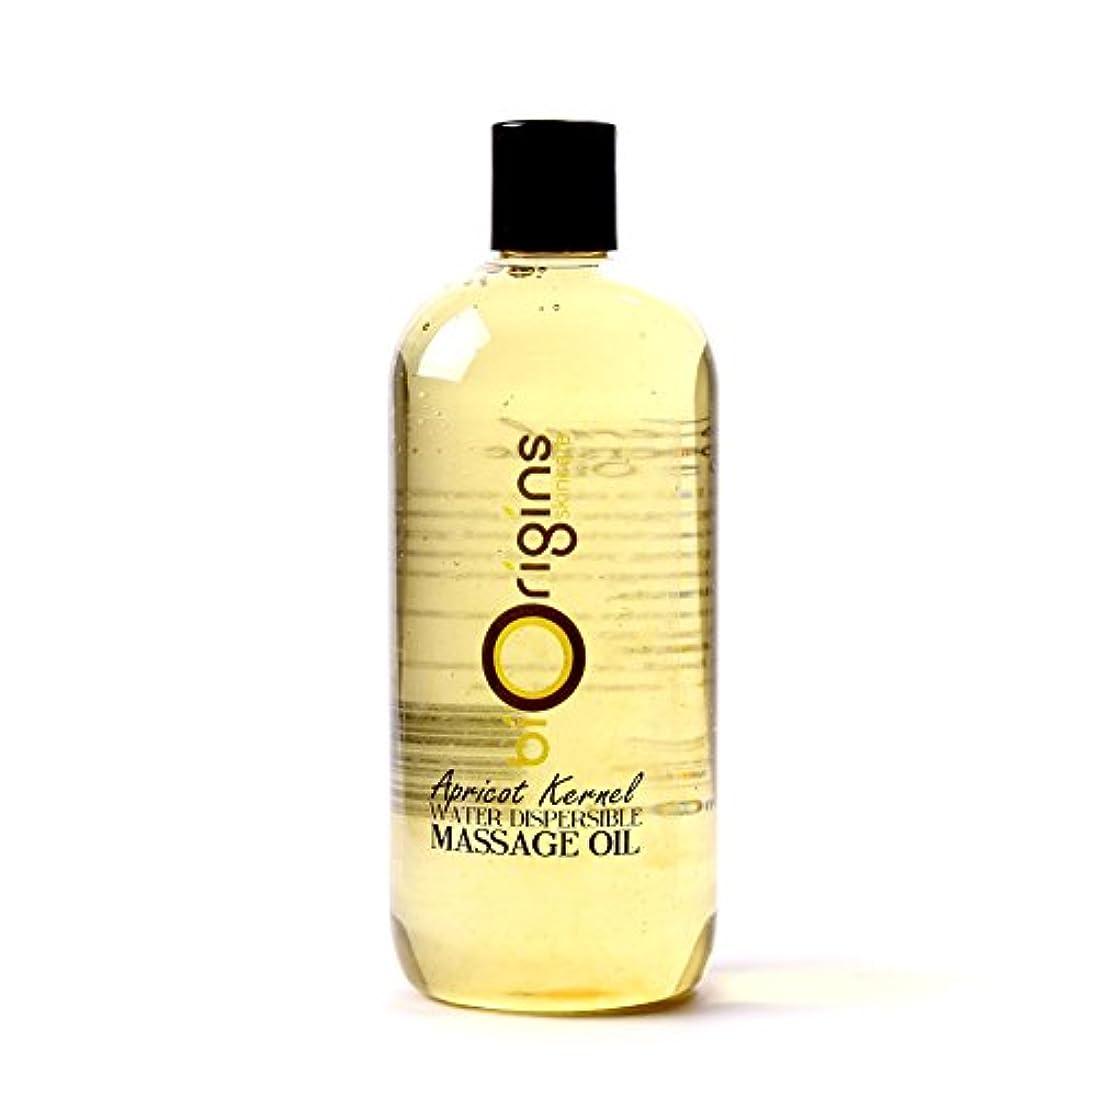 絶滅したエンターテインメント近々Apricot Kernel Water Dispersible Massage Oil - 500ml - 100% Pure